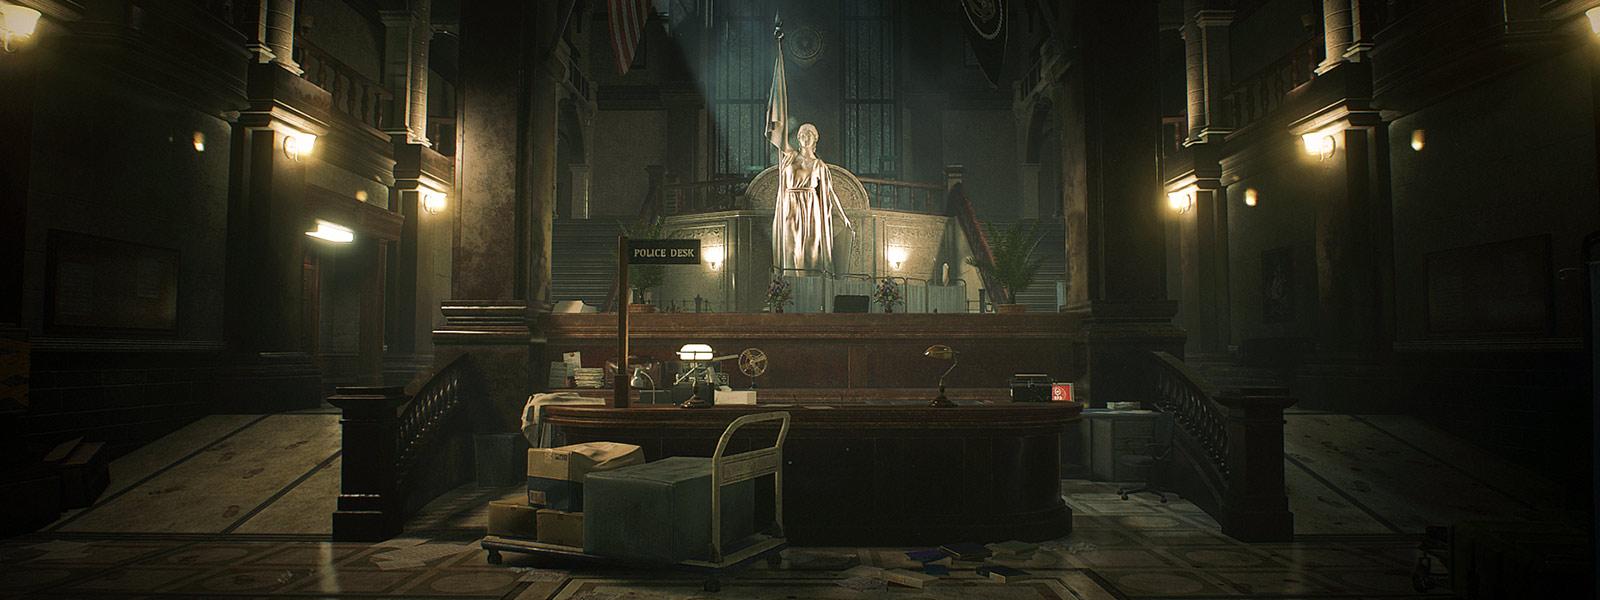 Pohľad na recepčný pult a sochu vnútri policajnej stanice v Raccoon City